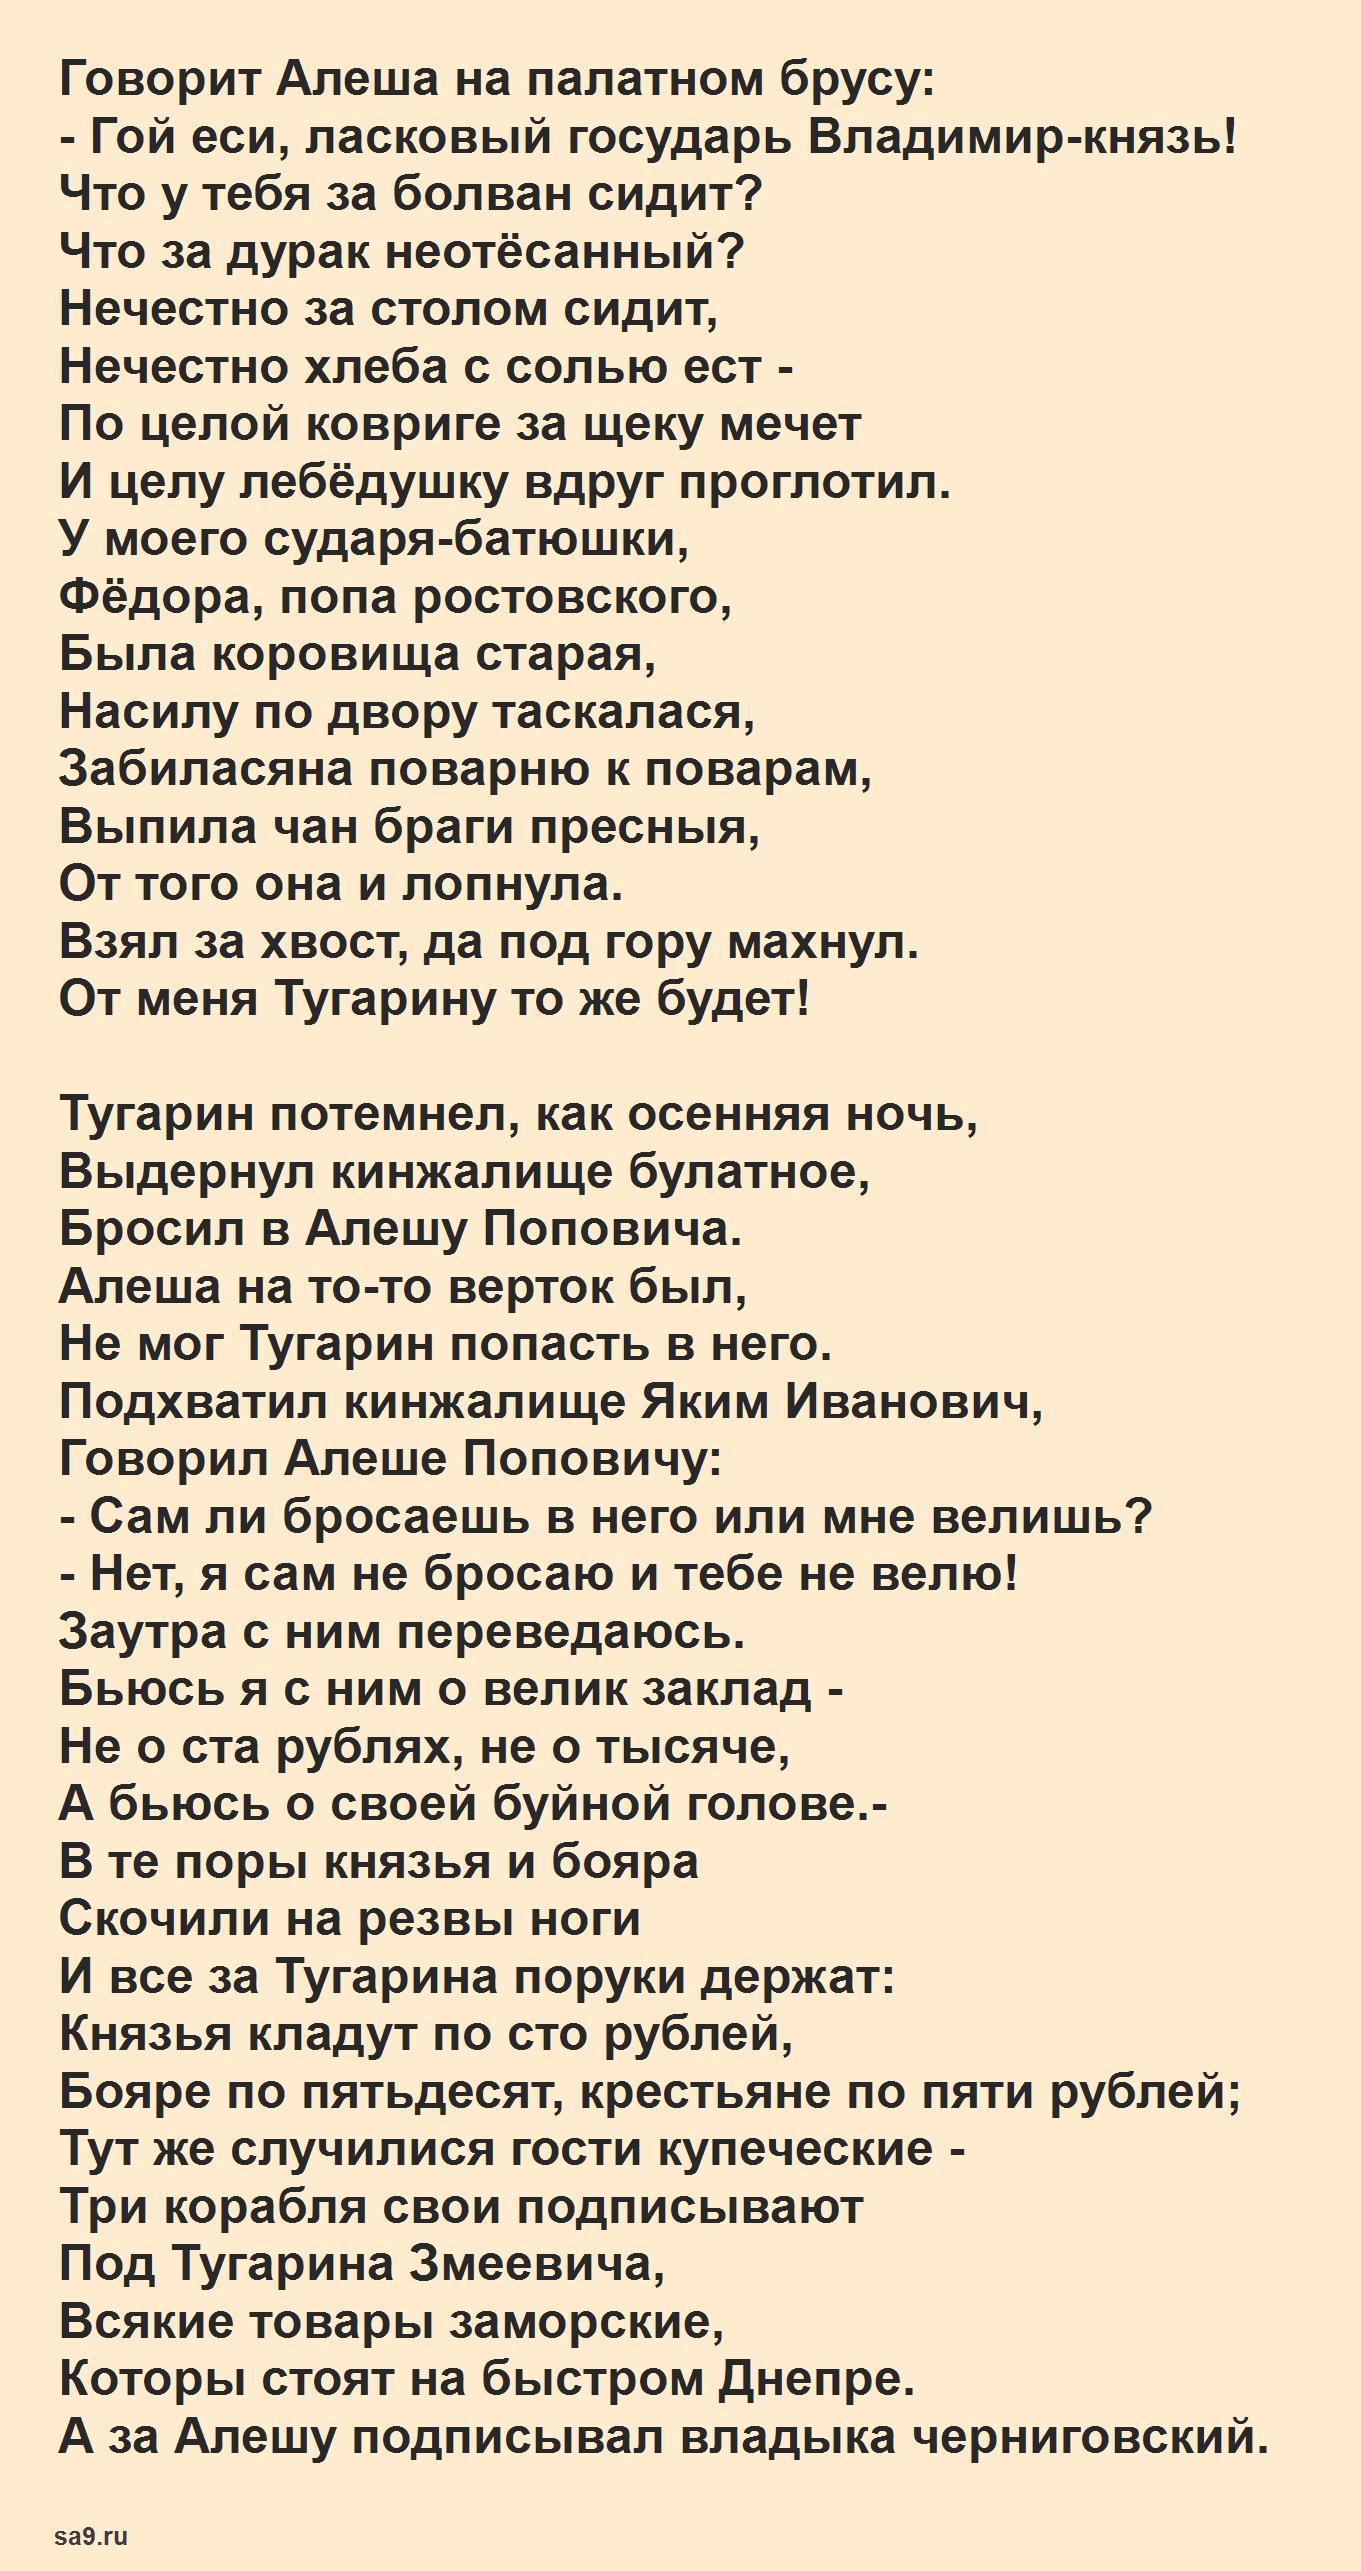 Русская народная былина - Алеша Попович и Тугарин Змеевич, текст былины читать полностью